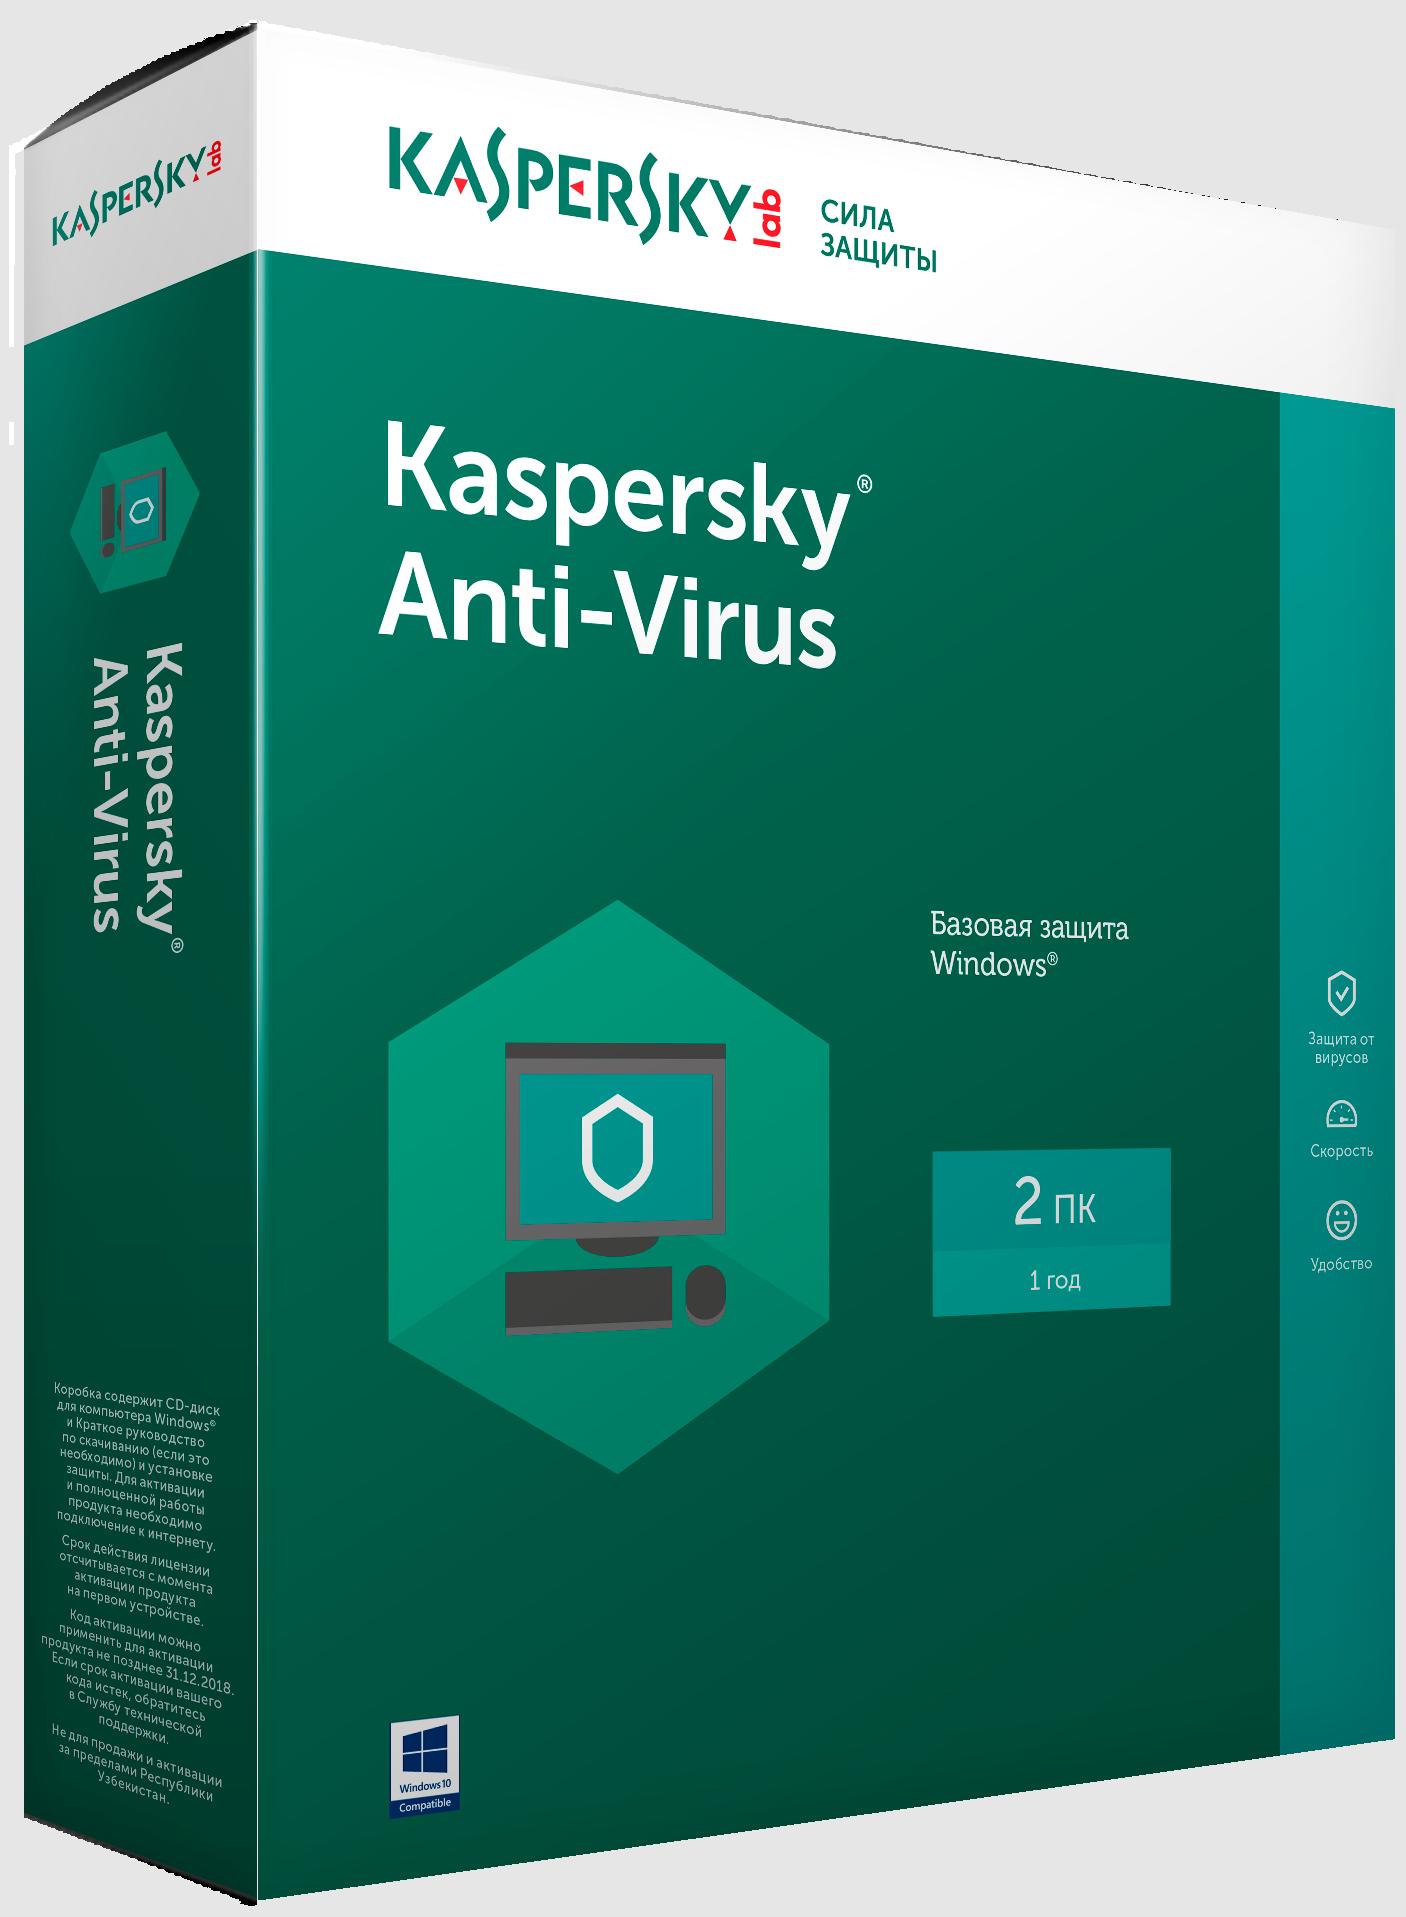 Kaspersky Anti-Virus Russian Edition (2 ПК, 1 год)Kaspersky Anti-Virus – это решение для базовой защиты компьютера от основных видов интернет-угроз.<br>